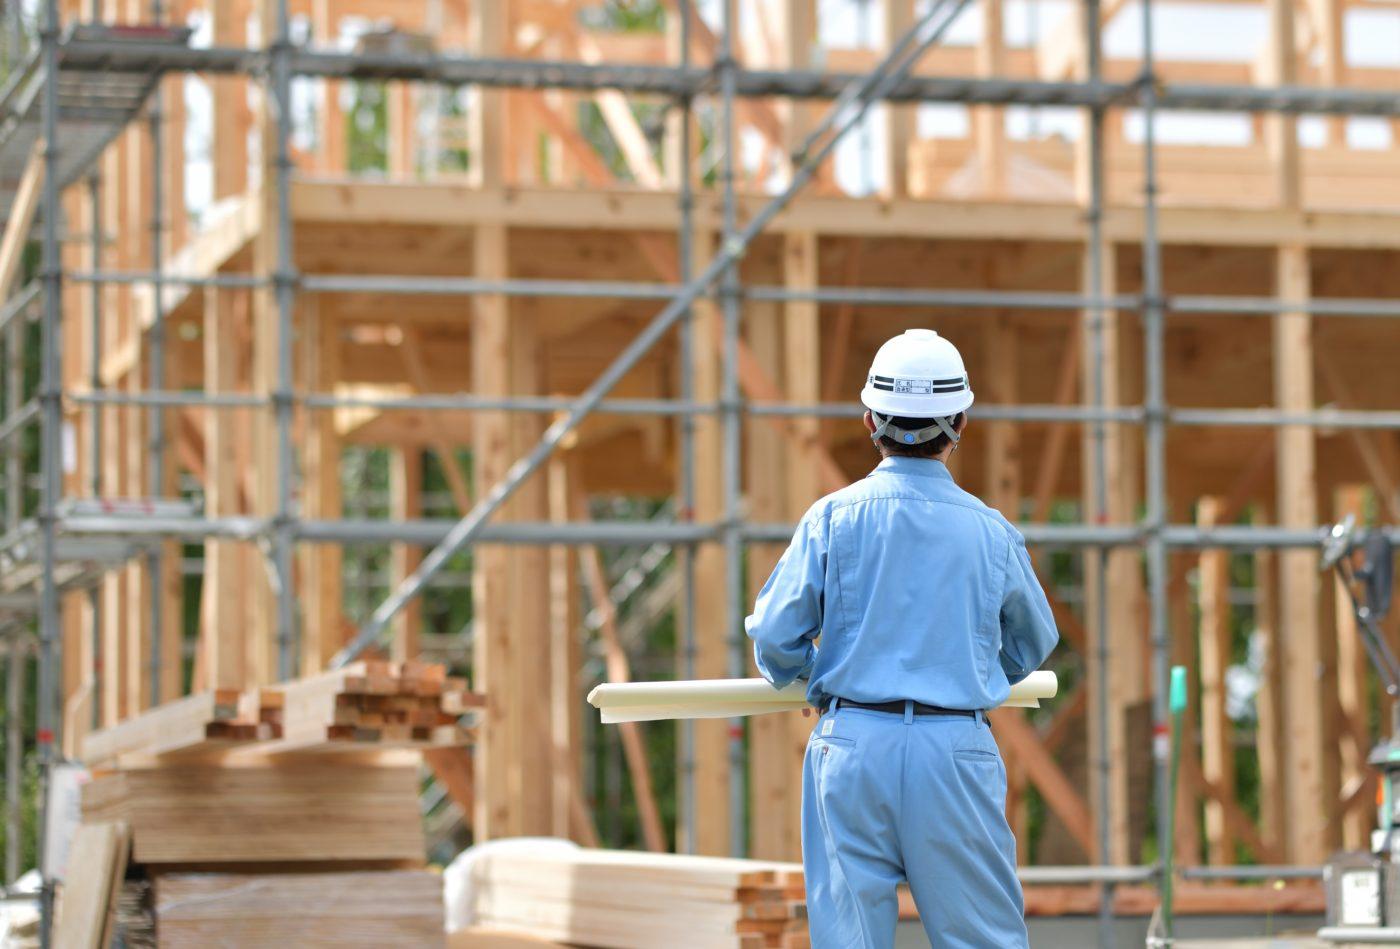 企画提案型の<br /> 新しい総合建設企業として<br /> 一貫した建設サービスを<br /> 提供していきます。